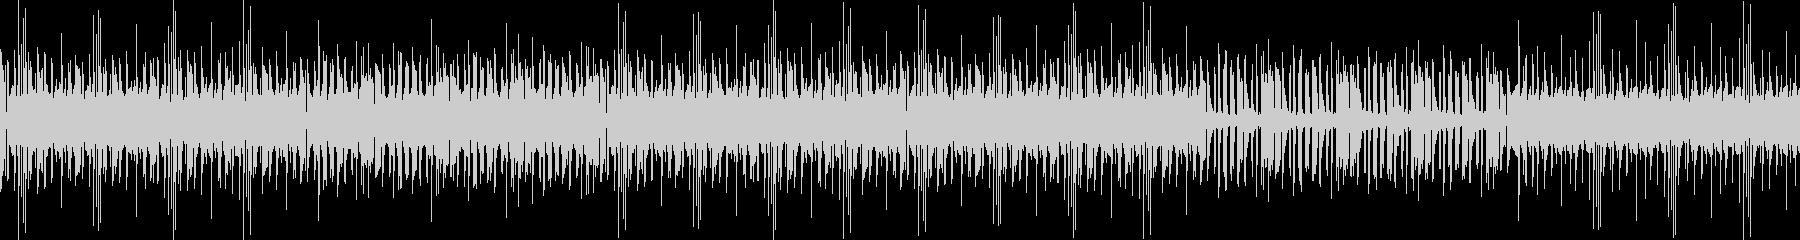 無機質なインダストリアルビートの未再生の波形